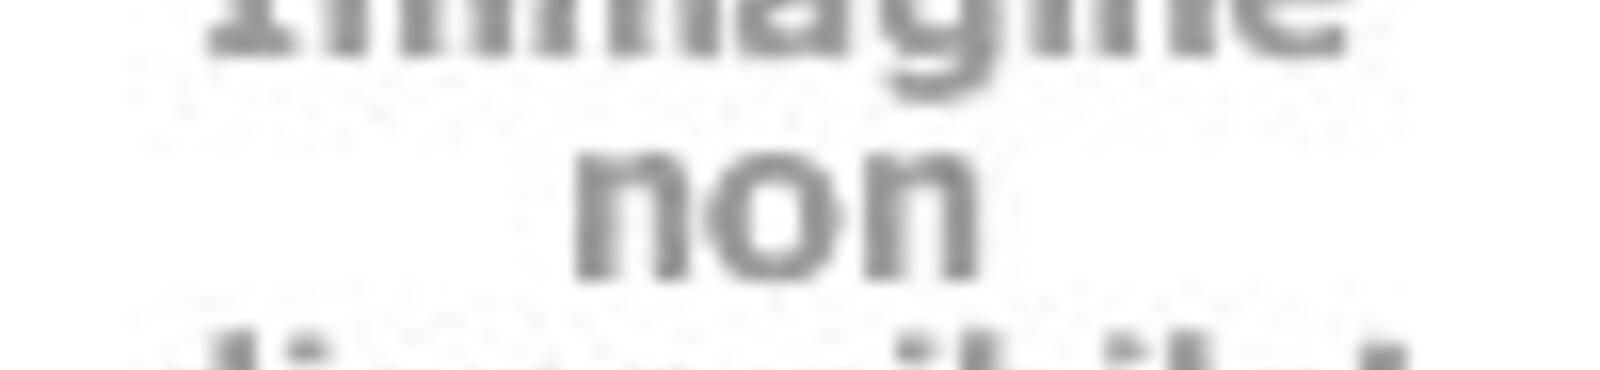 petronianaviaggi it matera-capitale-europea-della-cultura-v107 002